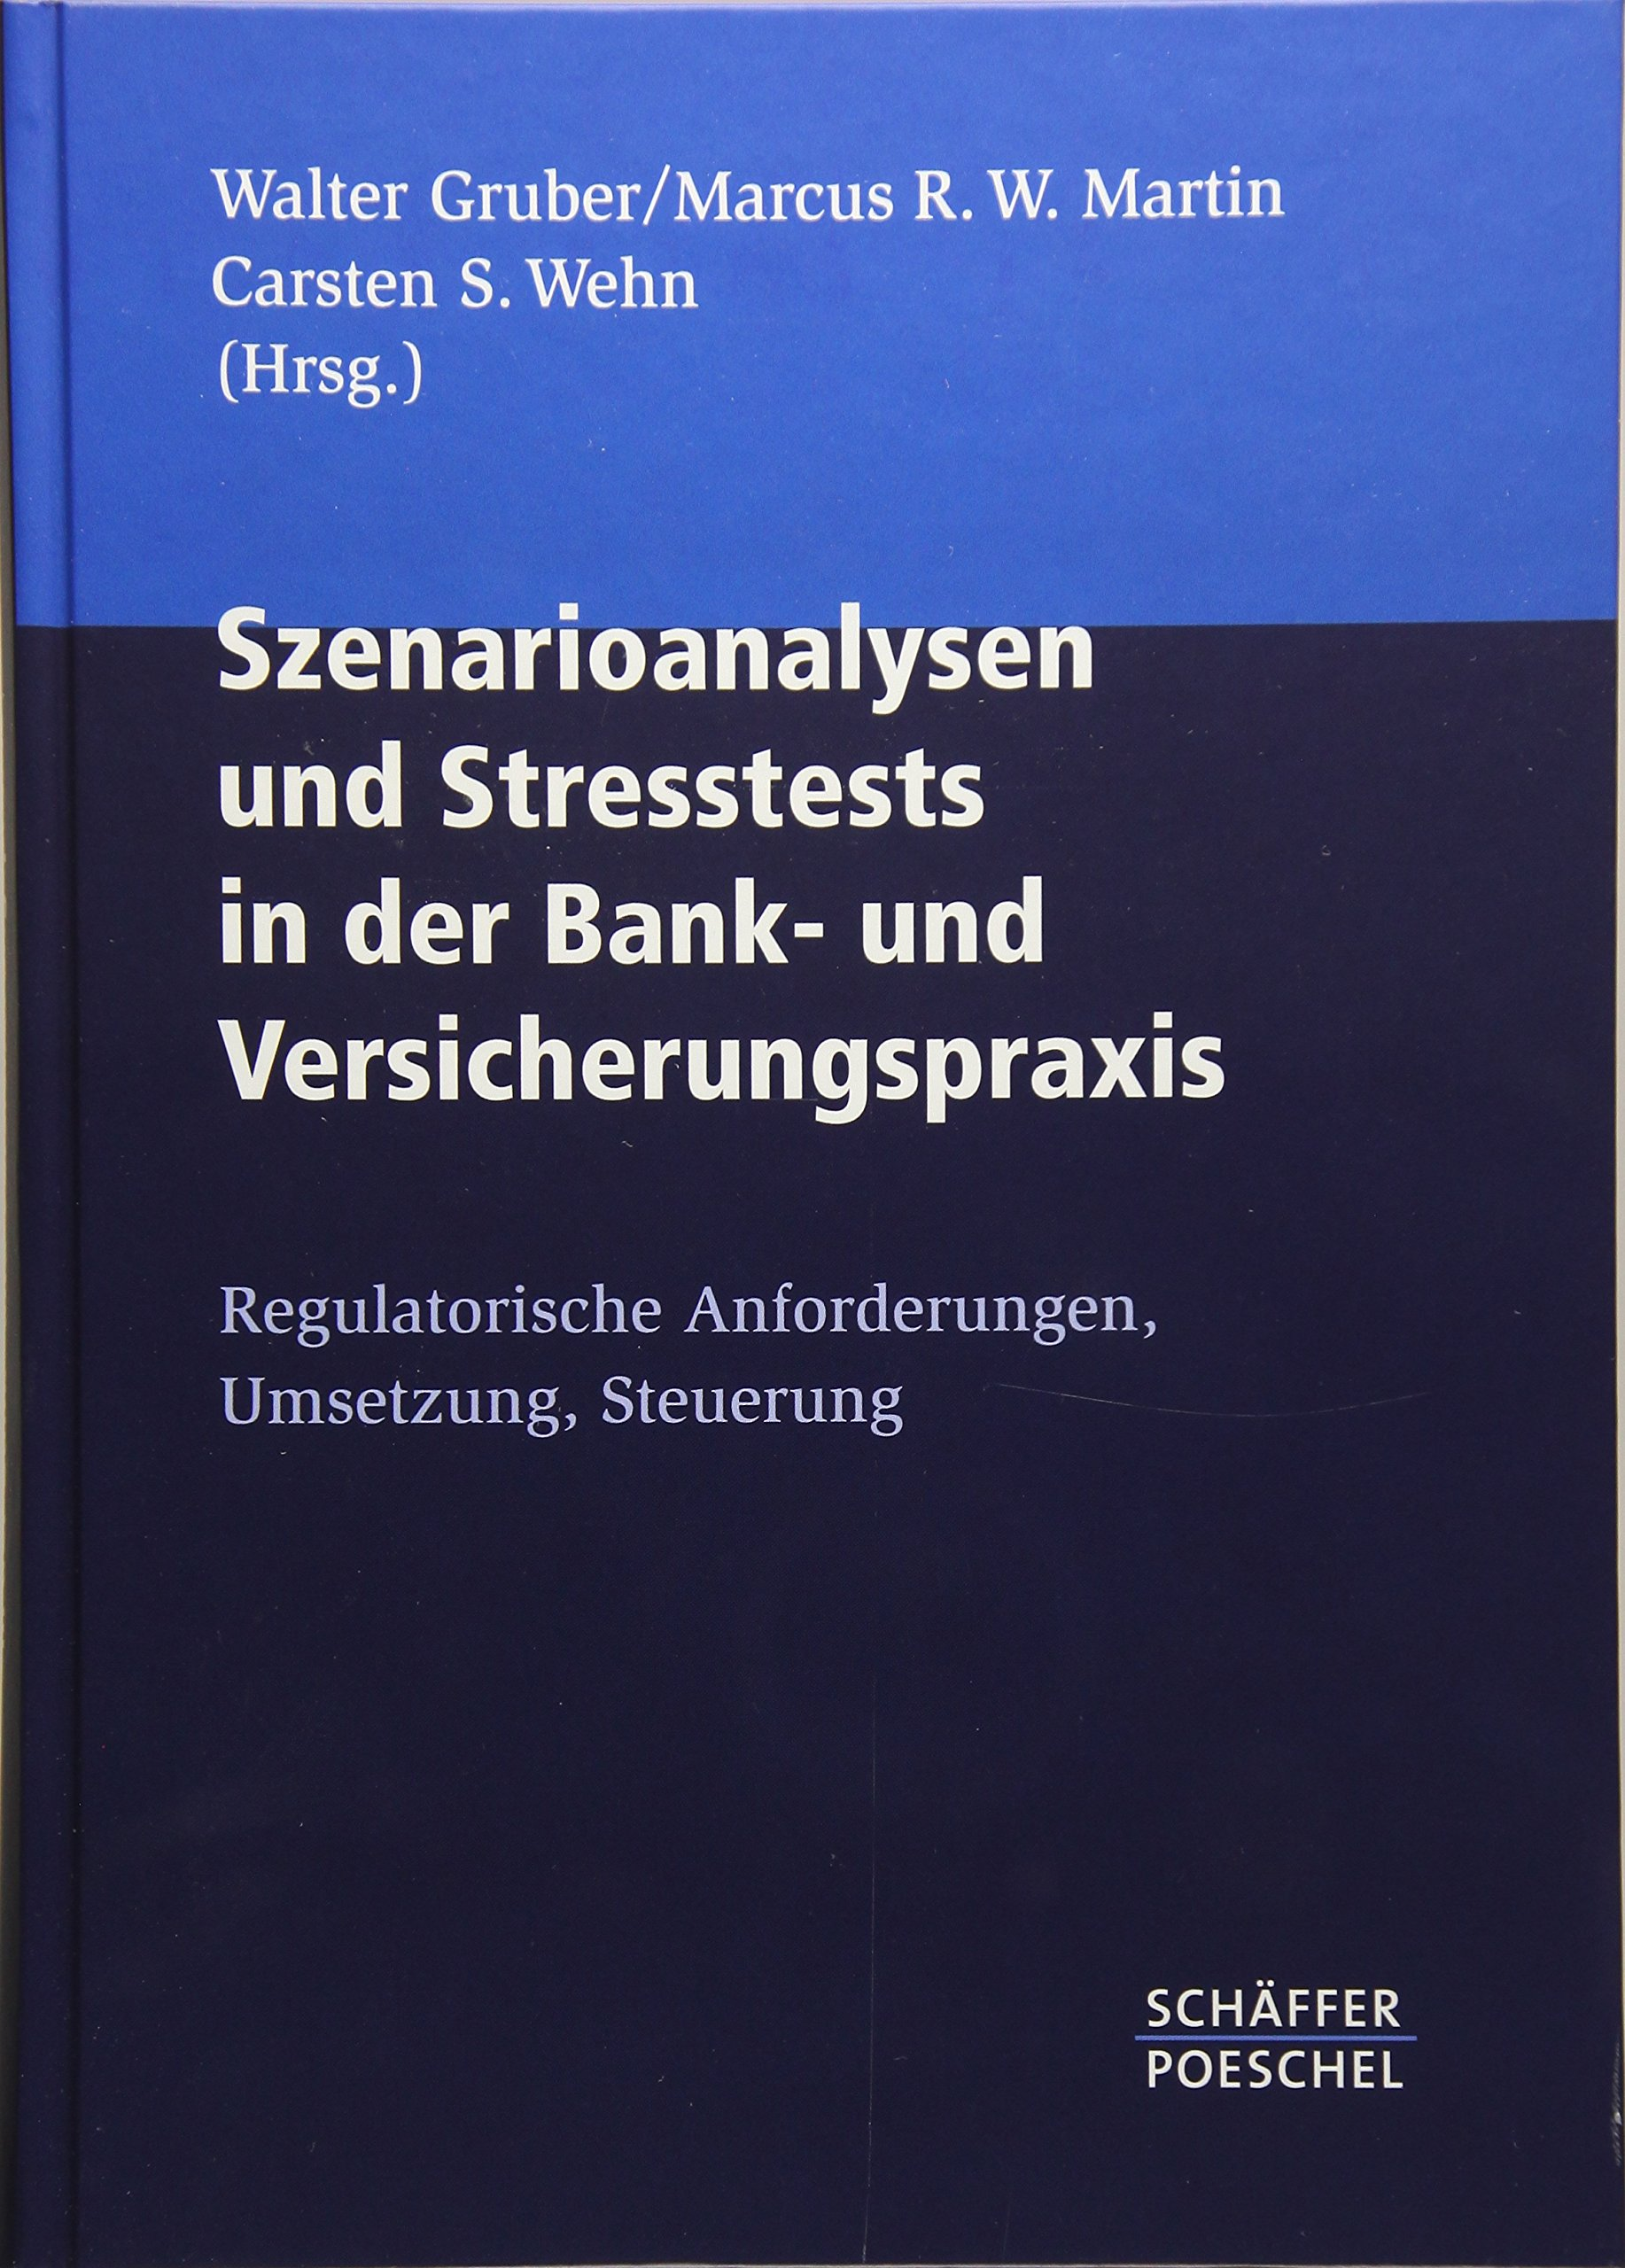 Szenarioanalysen und Stresstests in der Bank- und Versicherungspraxis: Regulatorische Anforderungen, Umsetzung, Steuerung